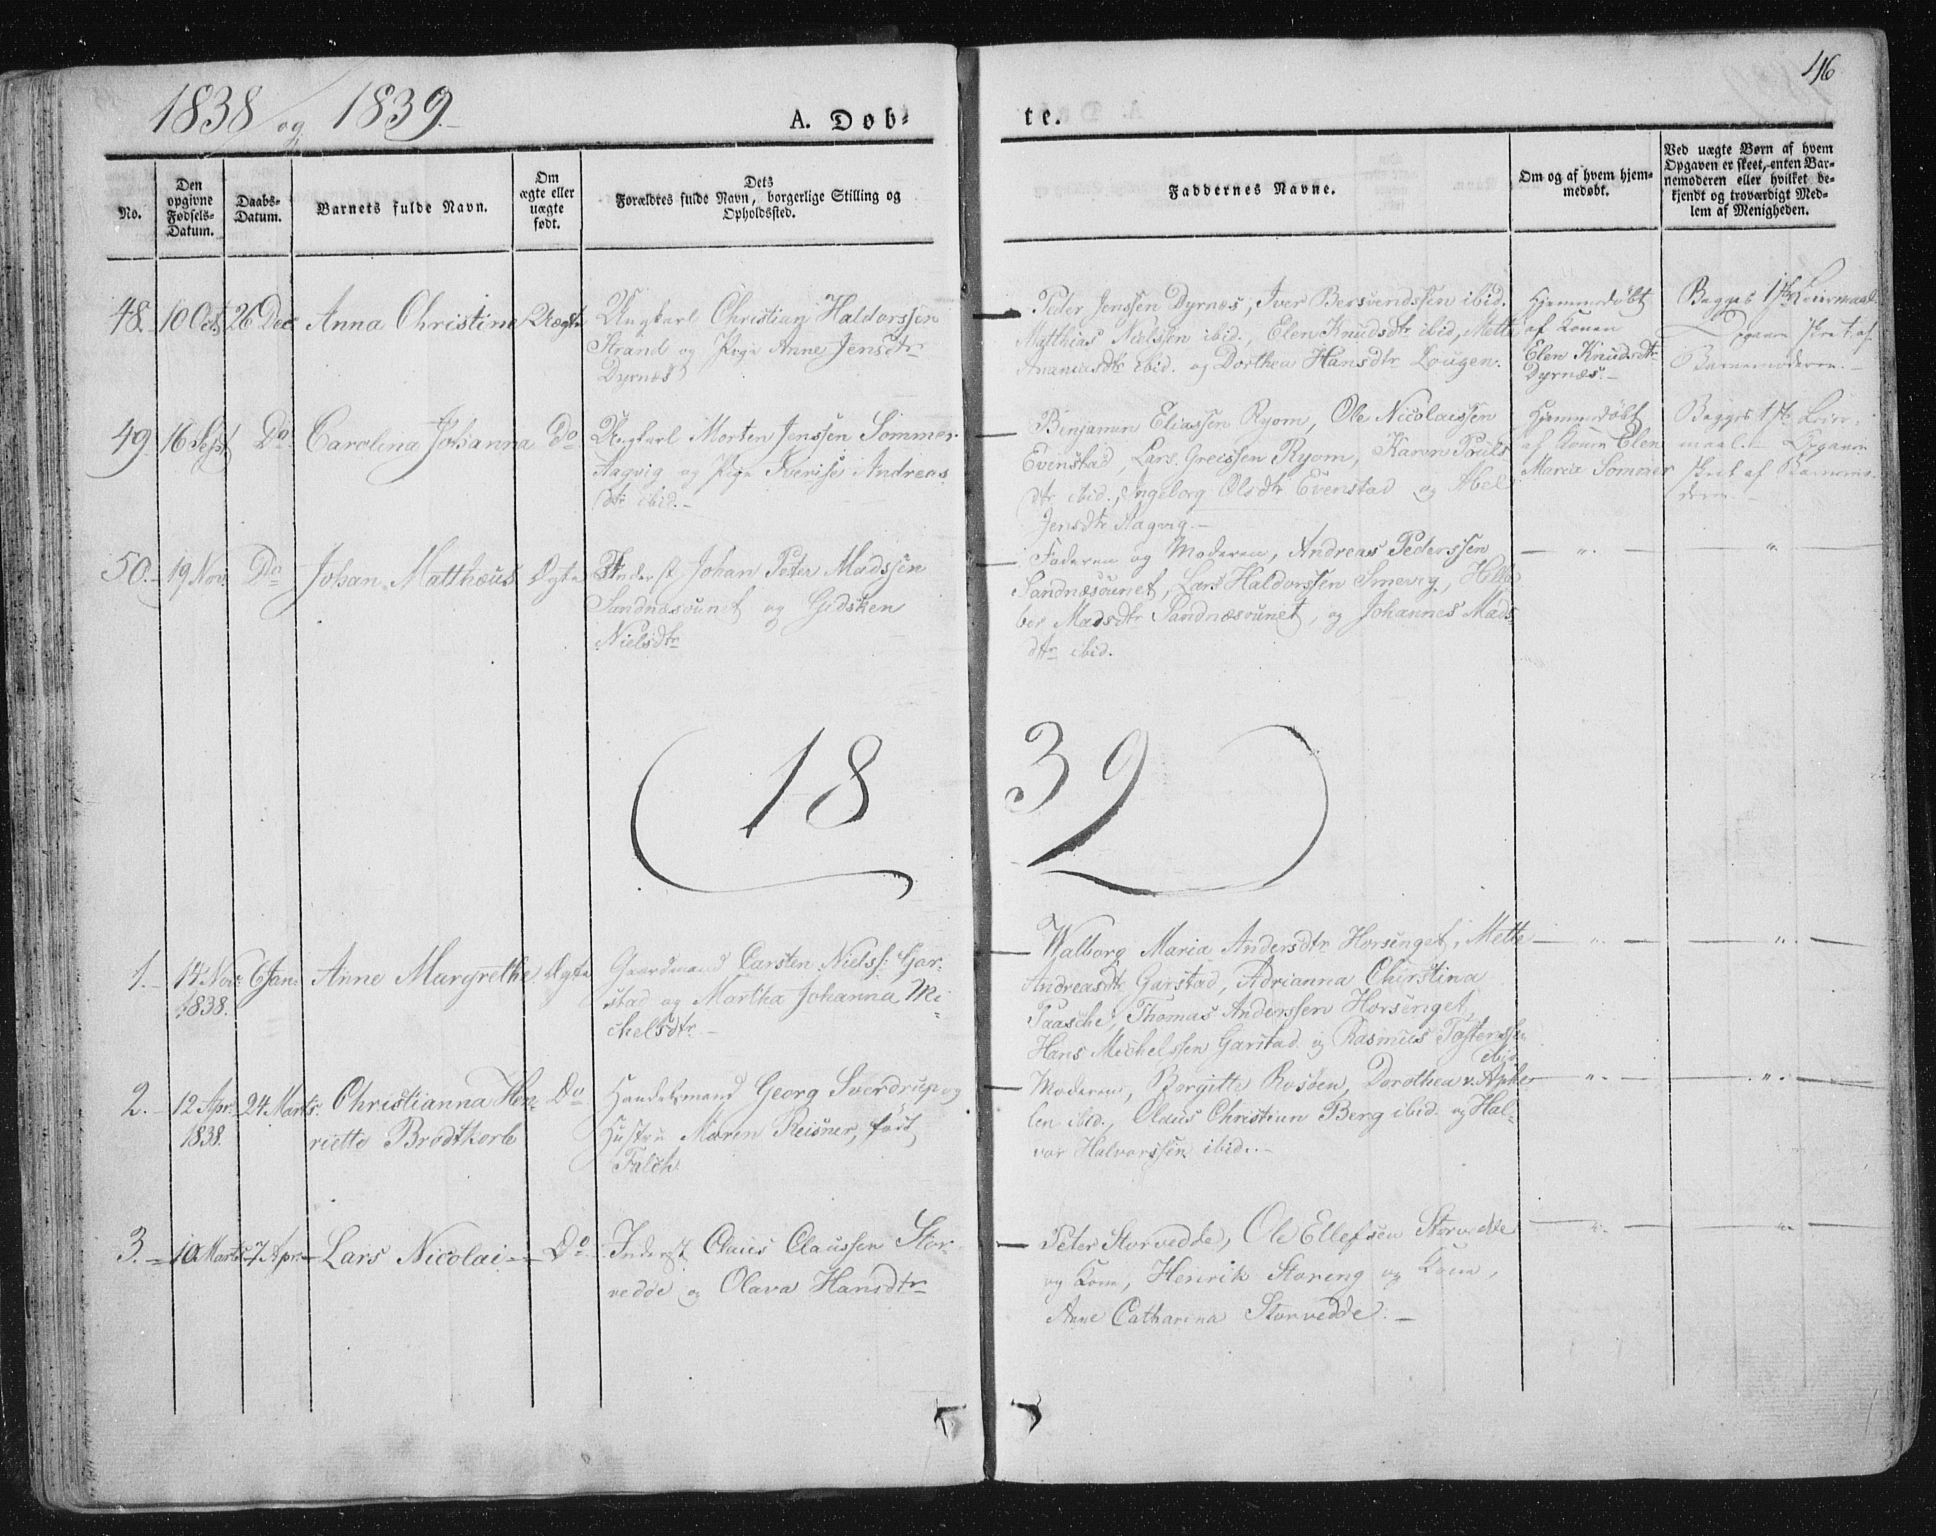 SAT, Ministerialprotokoller, klokkerbøker og fødselsregistre - Nord-Trøndelag, 784/L0669: Ministerialbok nr. 784A04, 1829-1859, s. 46